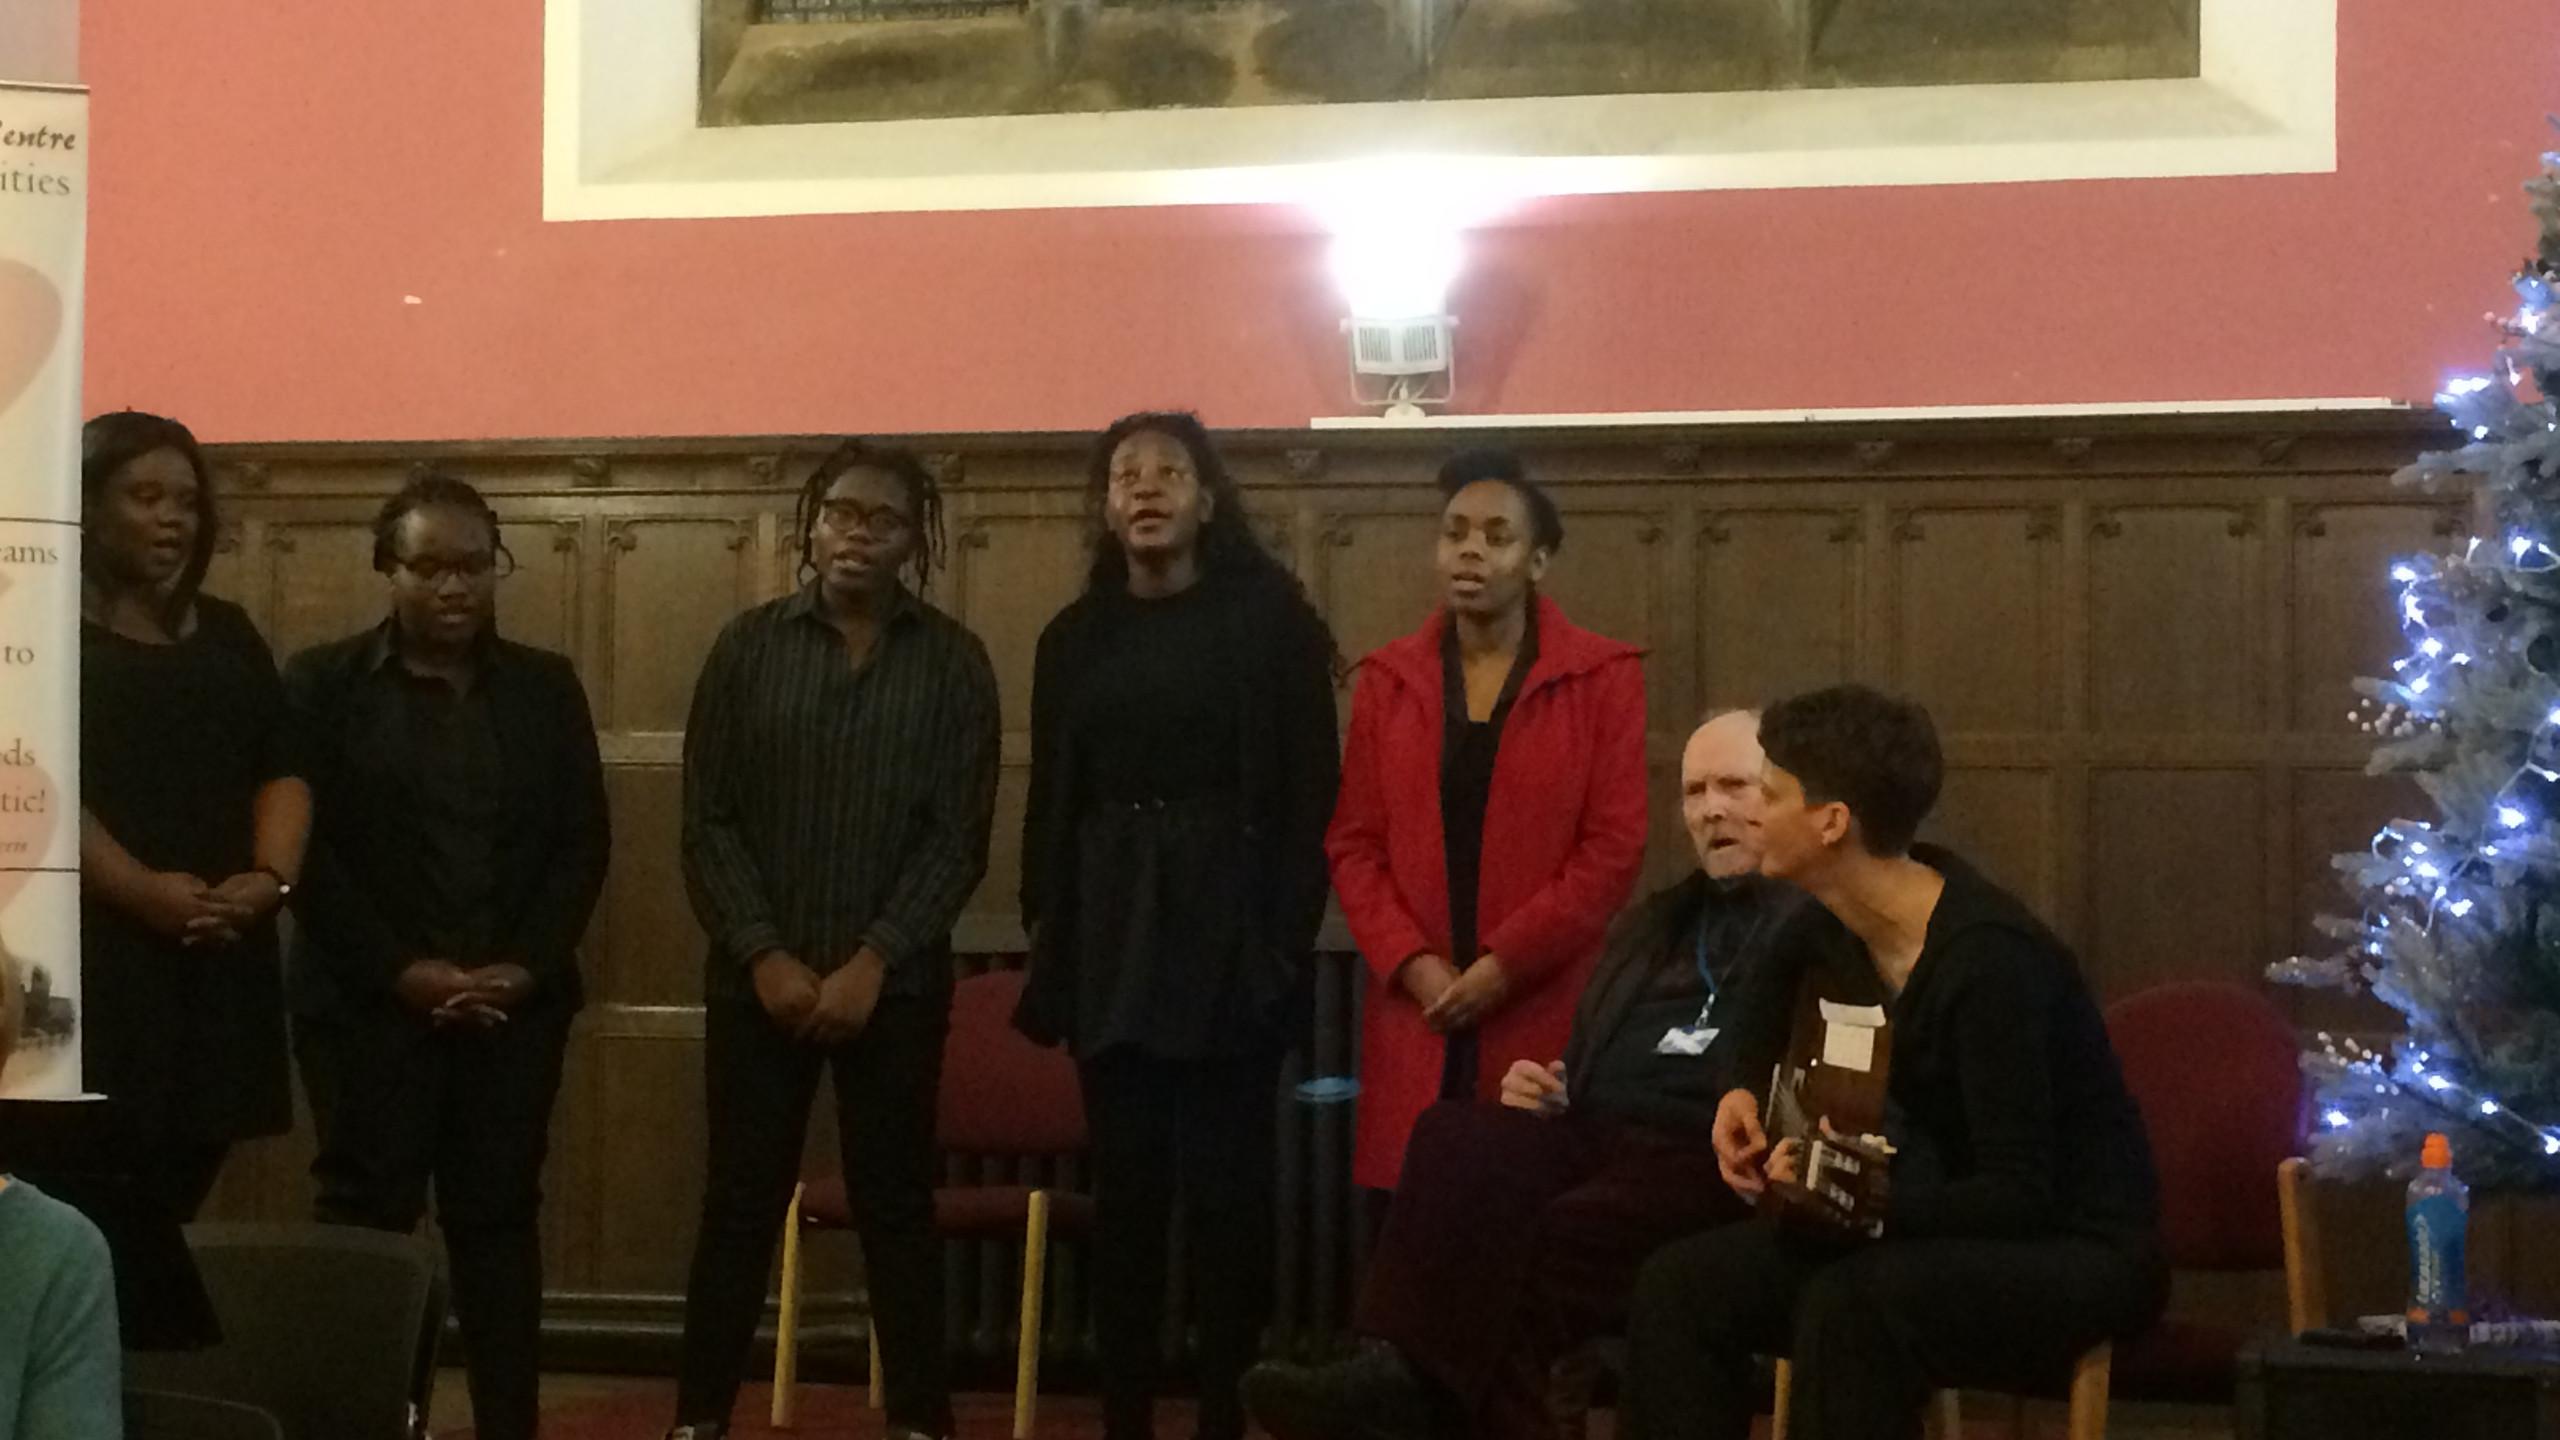 Edinburgh Life Church Choir